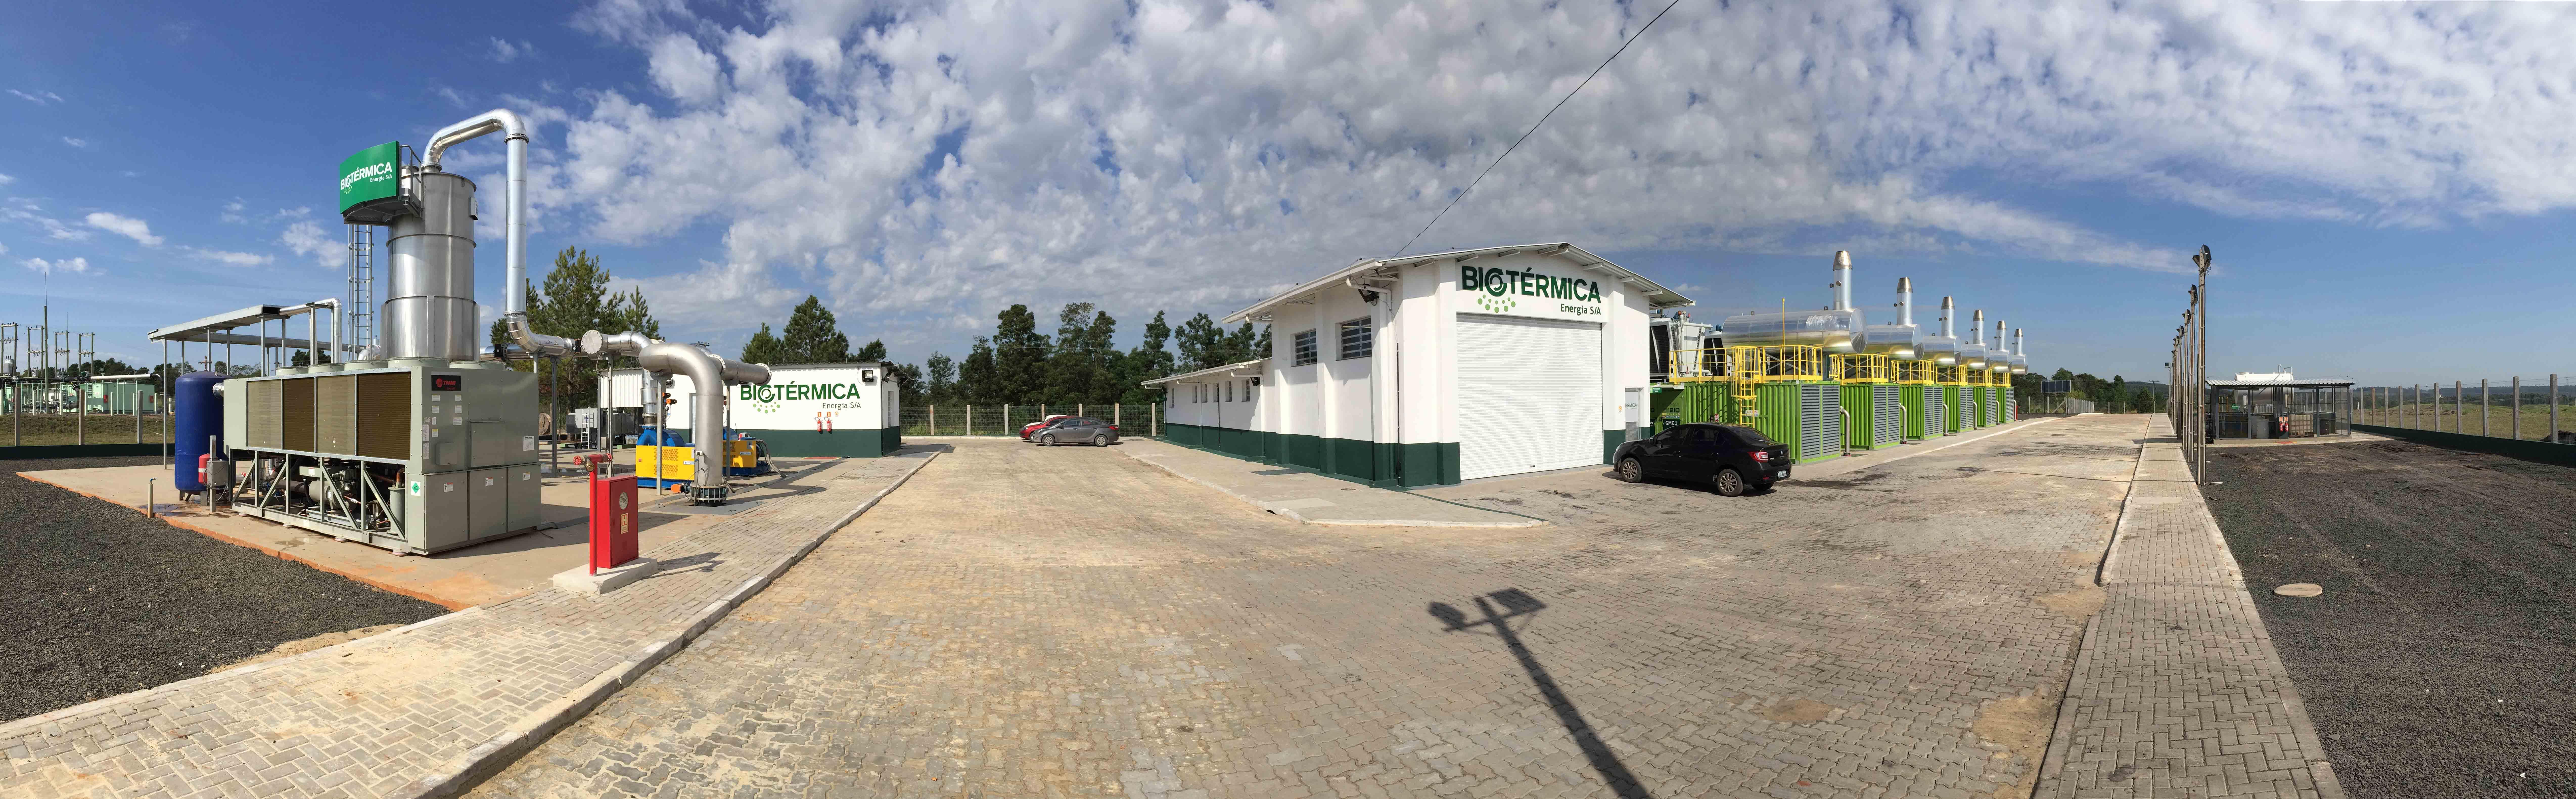 Local da obra, instalações Biotérmica energia